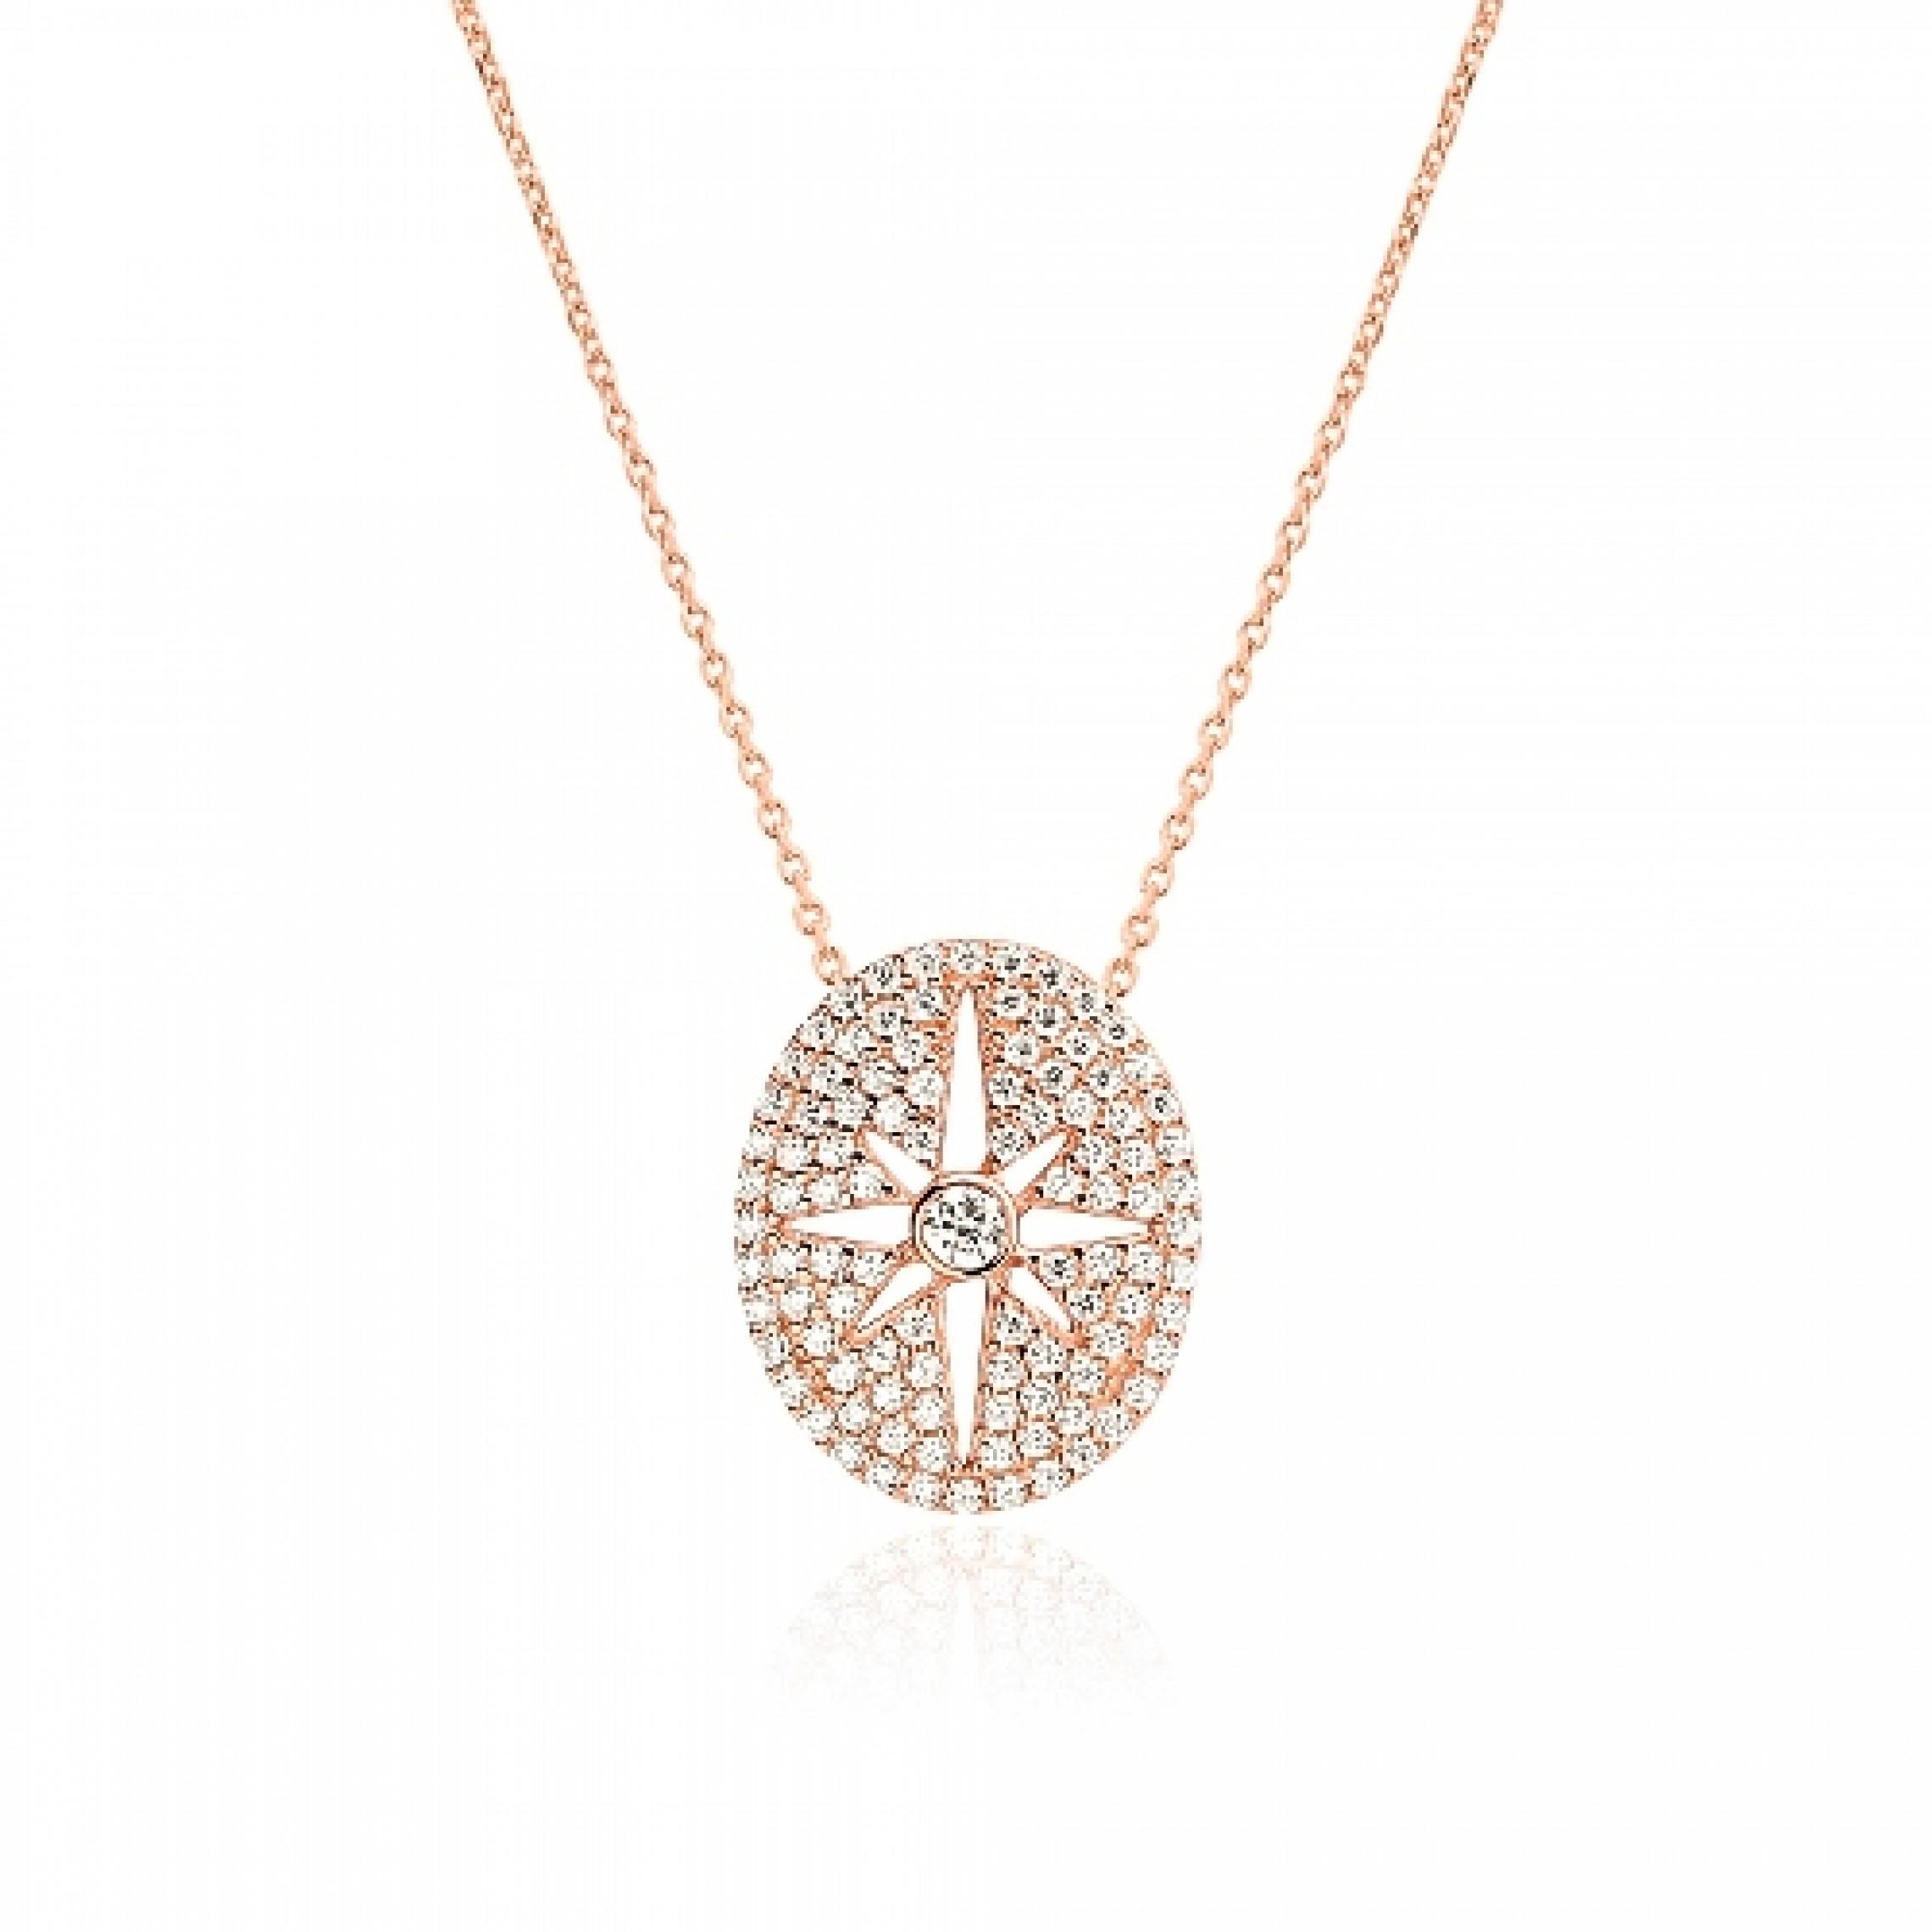 JN-190094 Evil Eye 925 Sterling Silver CZ Necklace